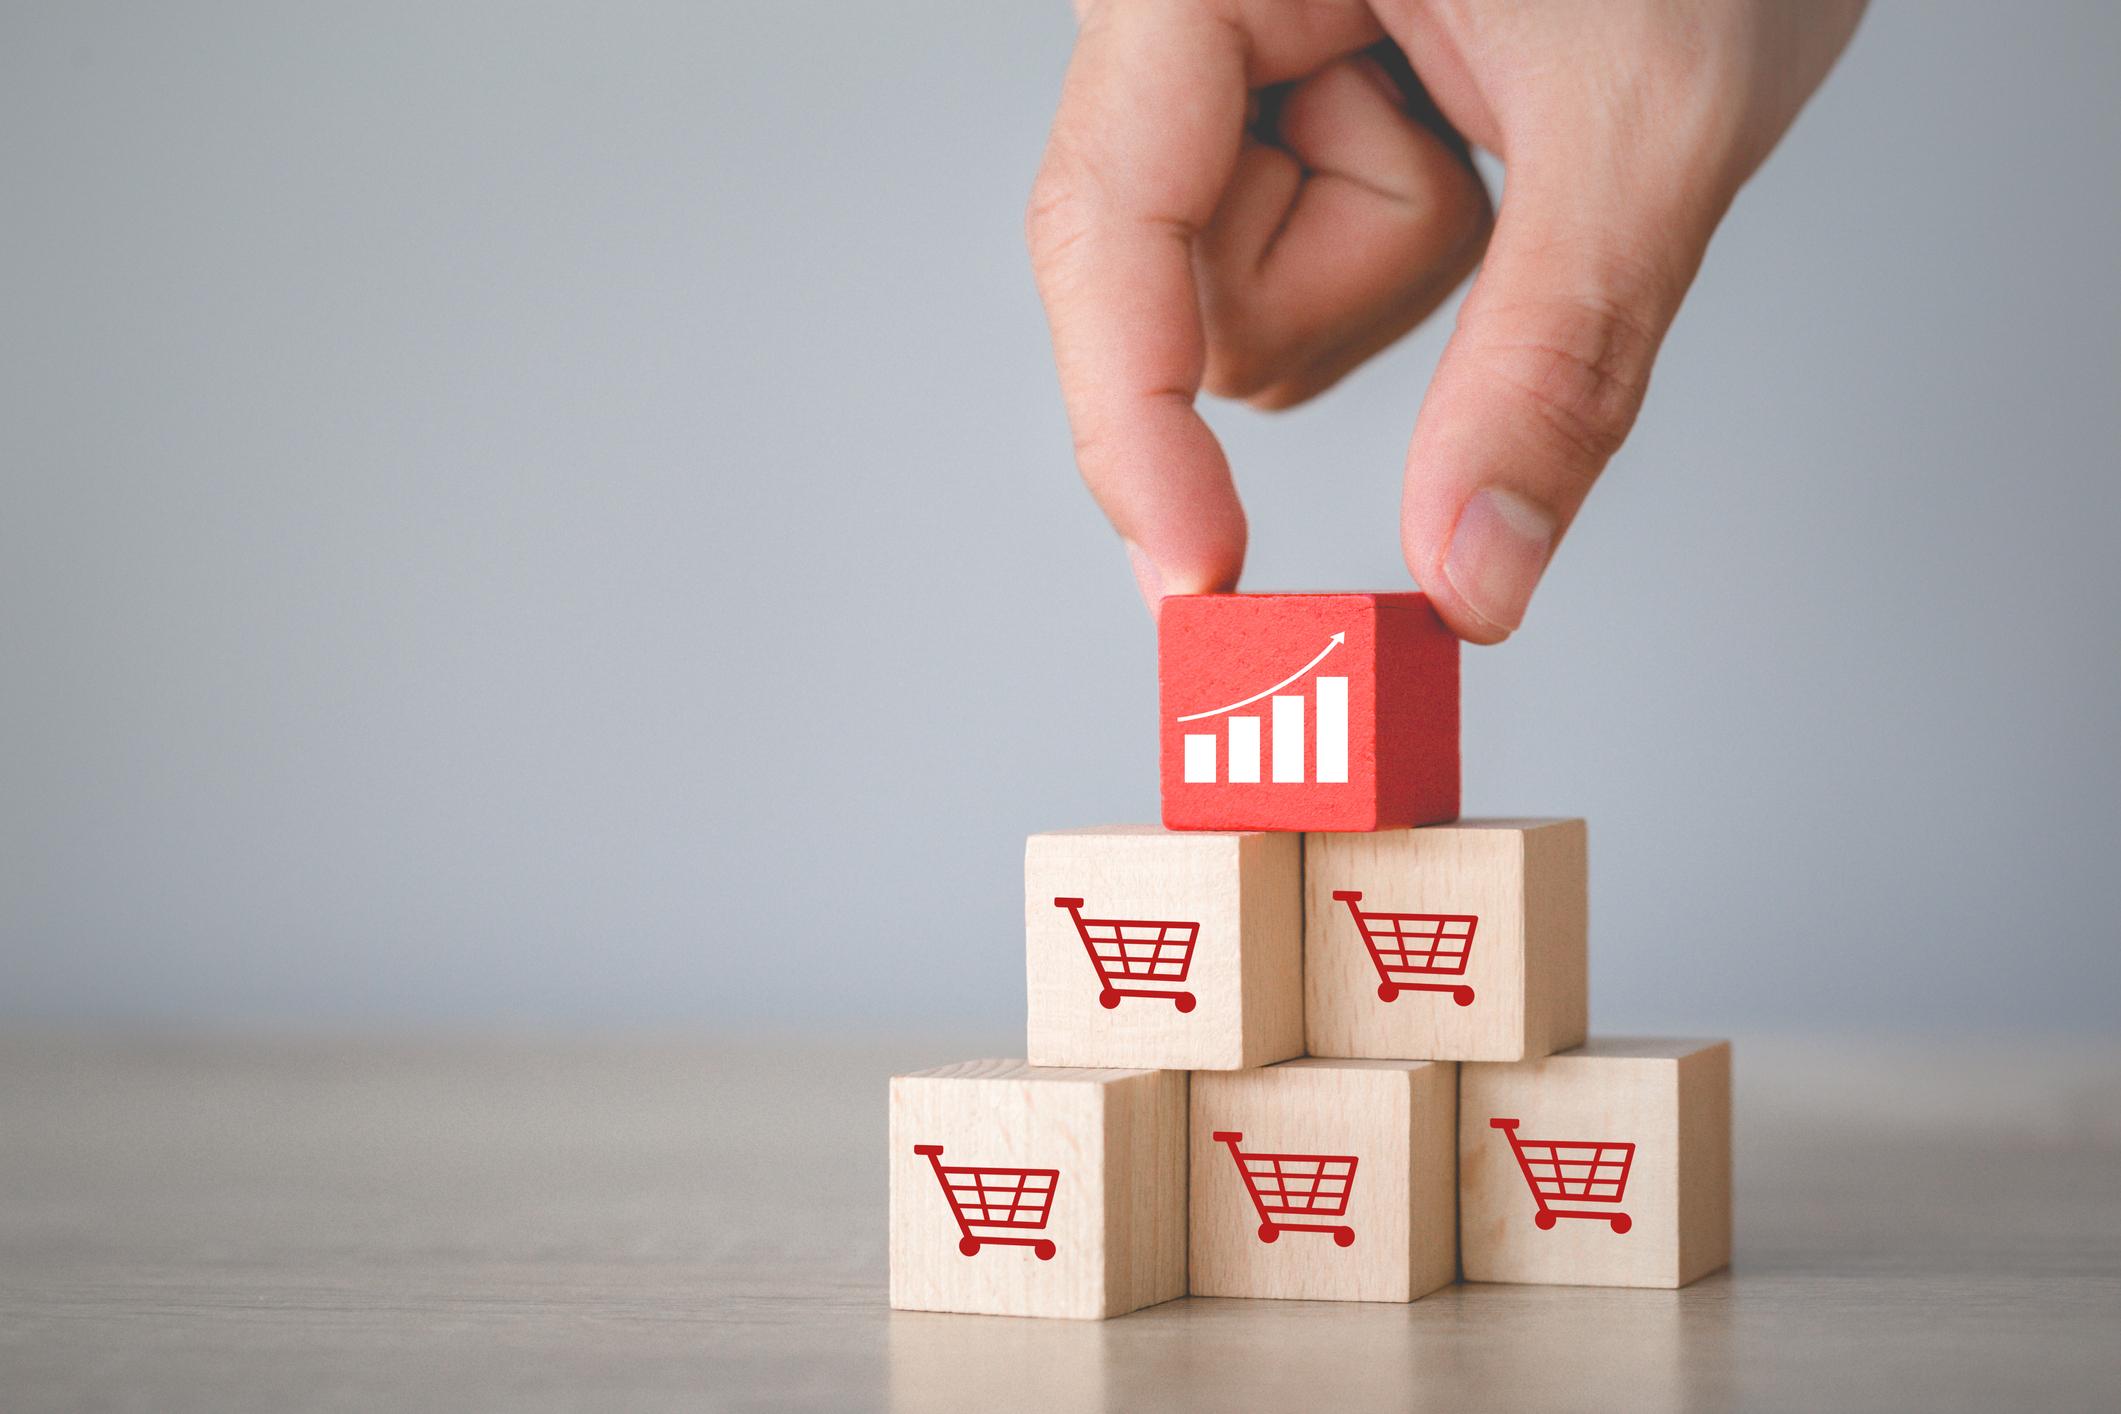 Imagem de carrinhos de compra em cubos de madeira representando aumento de vendas